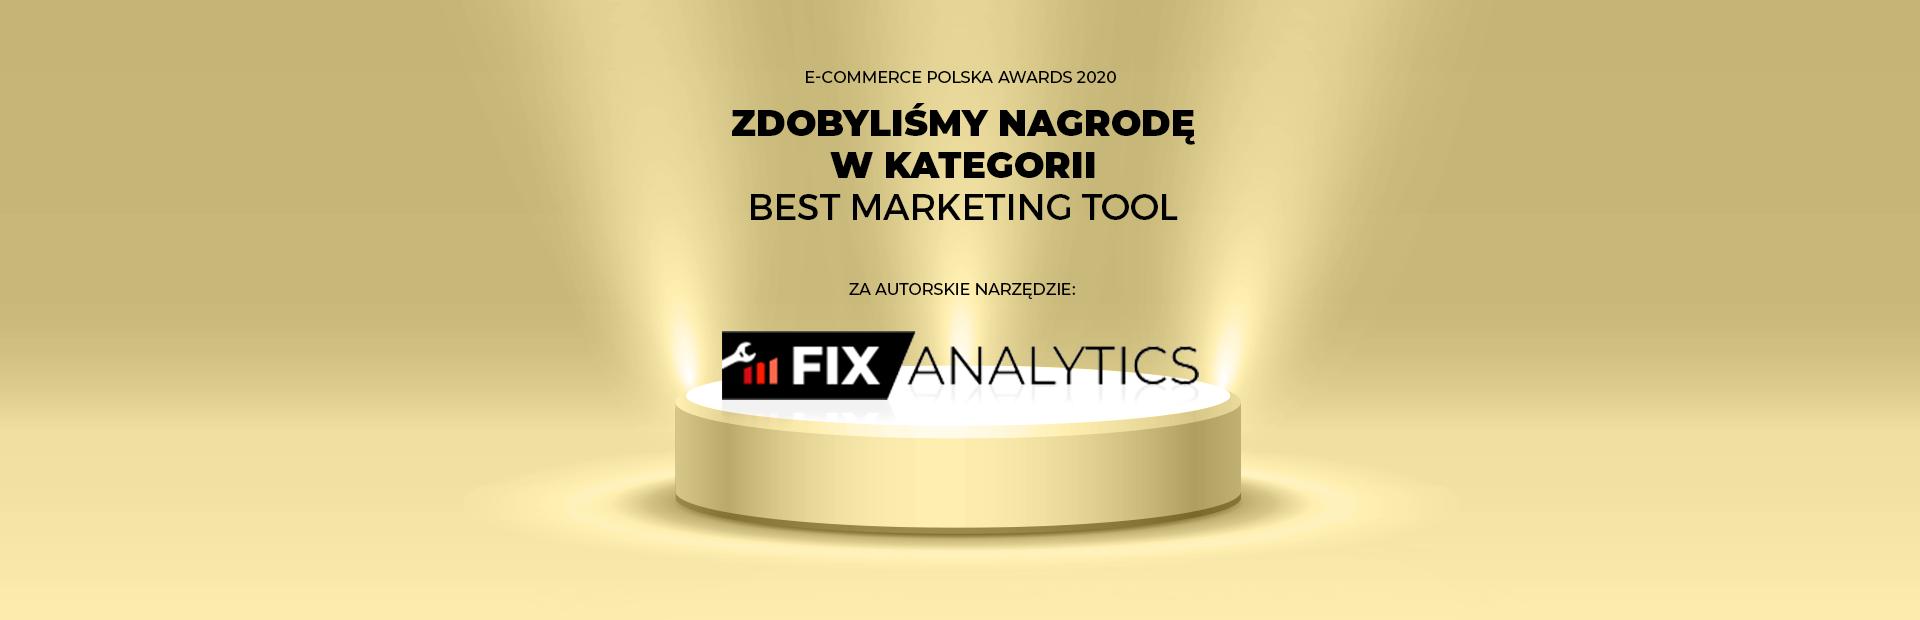 Autorskie narzędzie Fix Analytics nagrodzone we-Commerce Polska Awards!